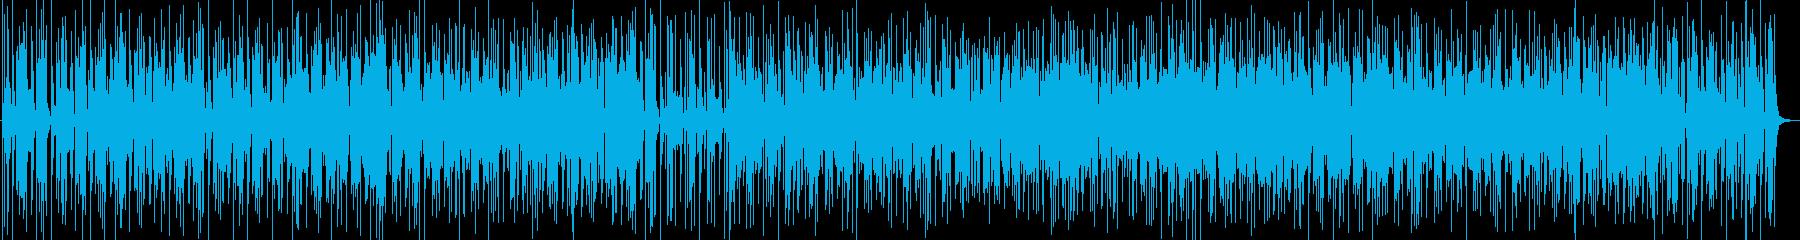 ファンキーなレトロサウンドの再生済みの波形